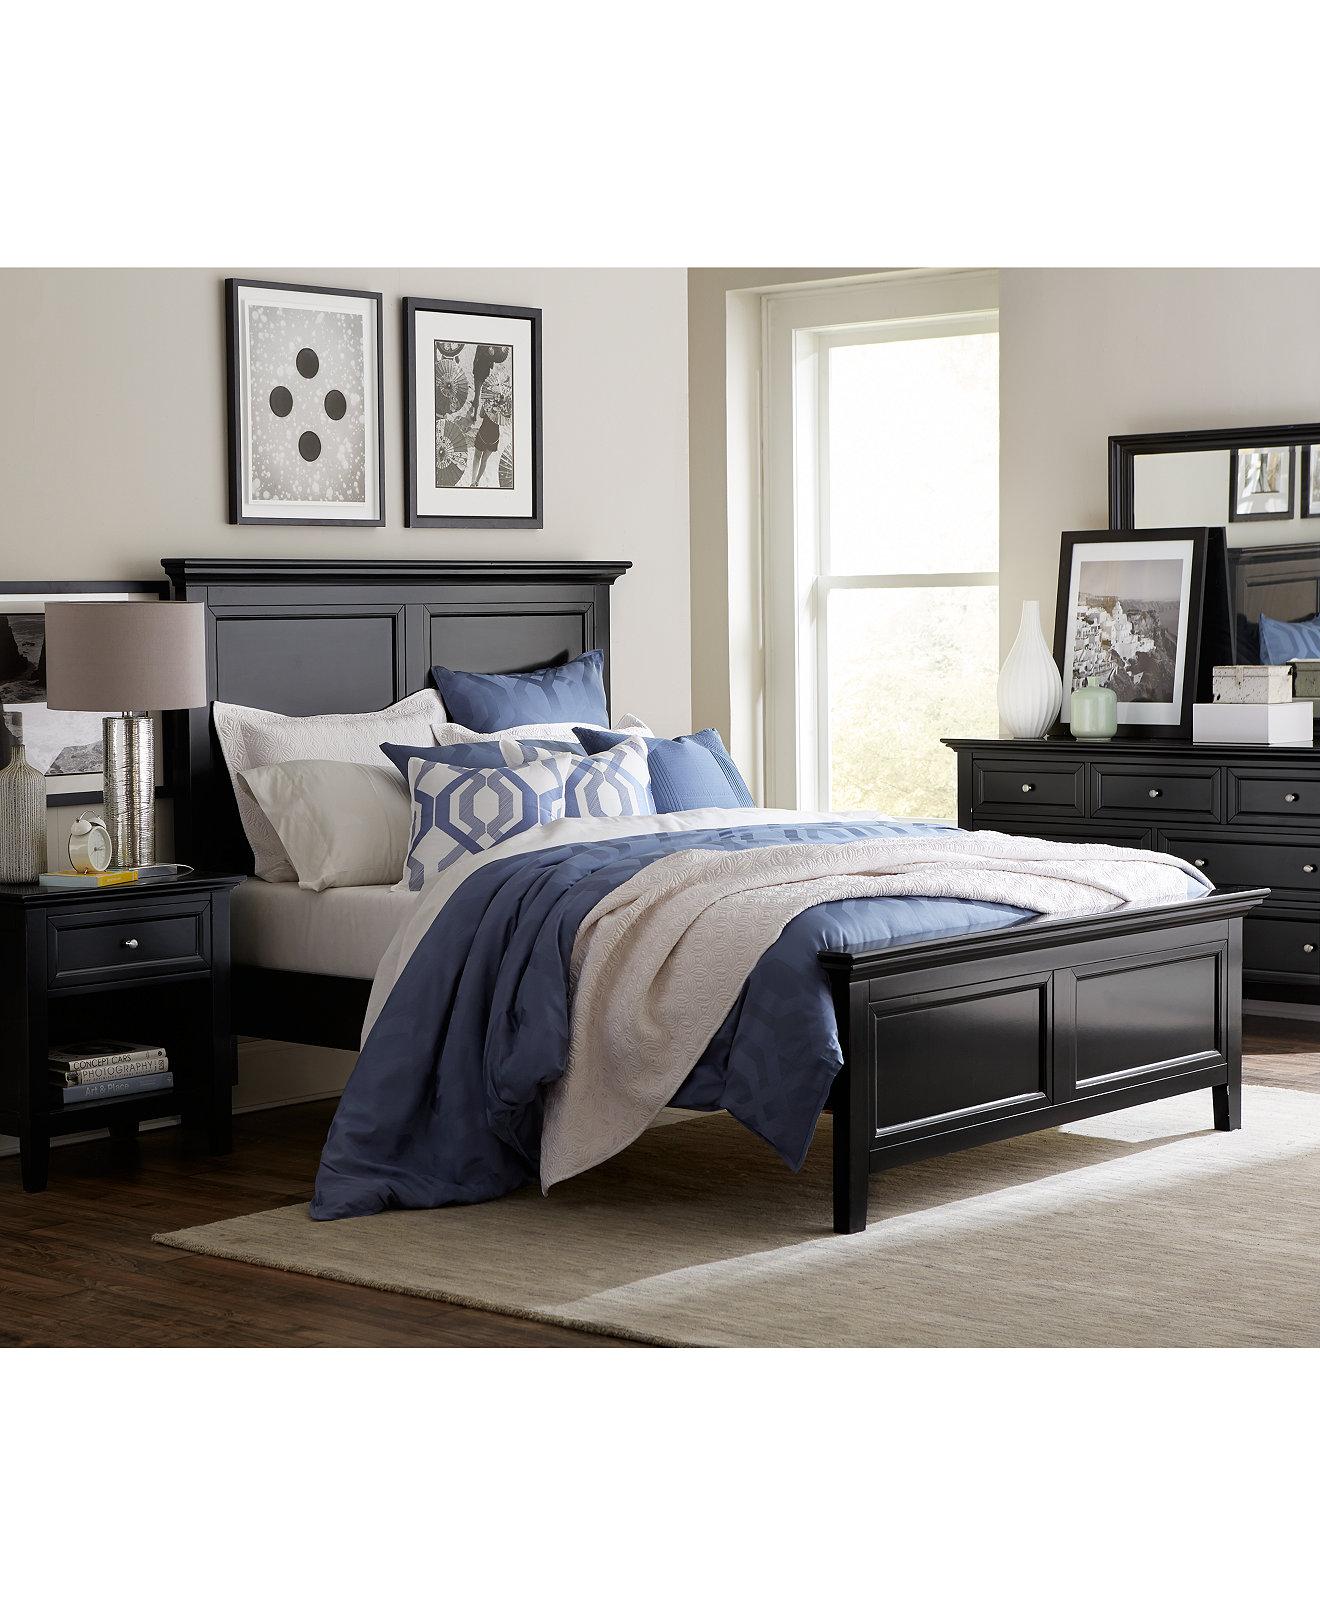 Macys Bedroom Furniture Loft Bed Shop For And Buy Loft Bed Online Macys